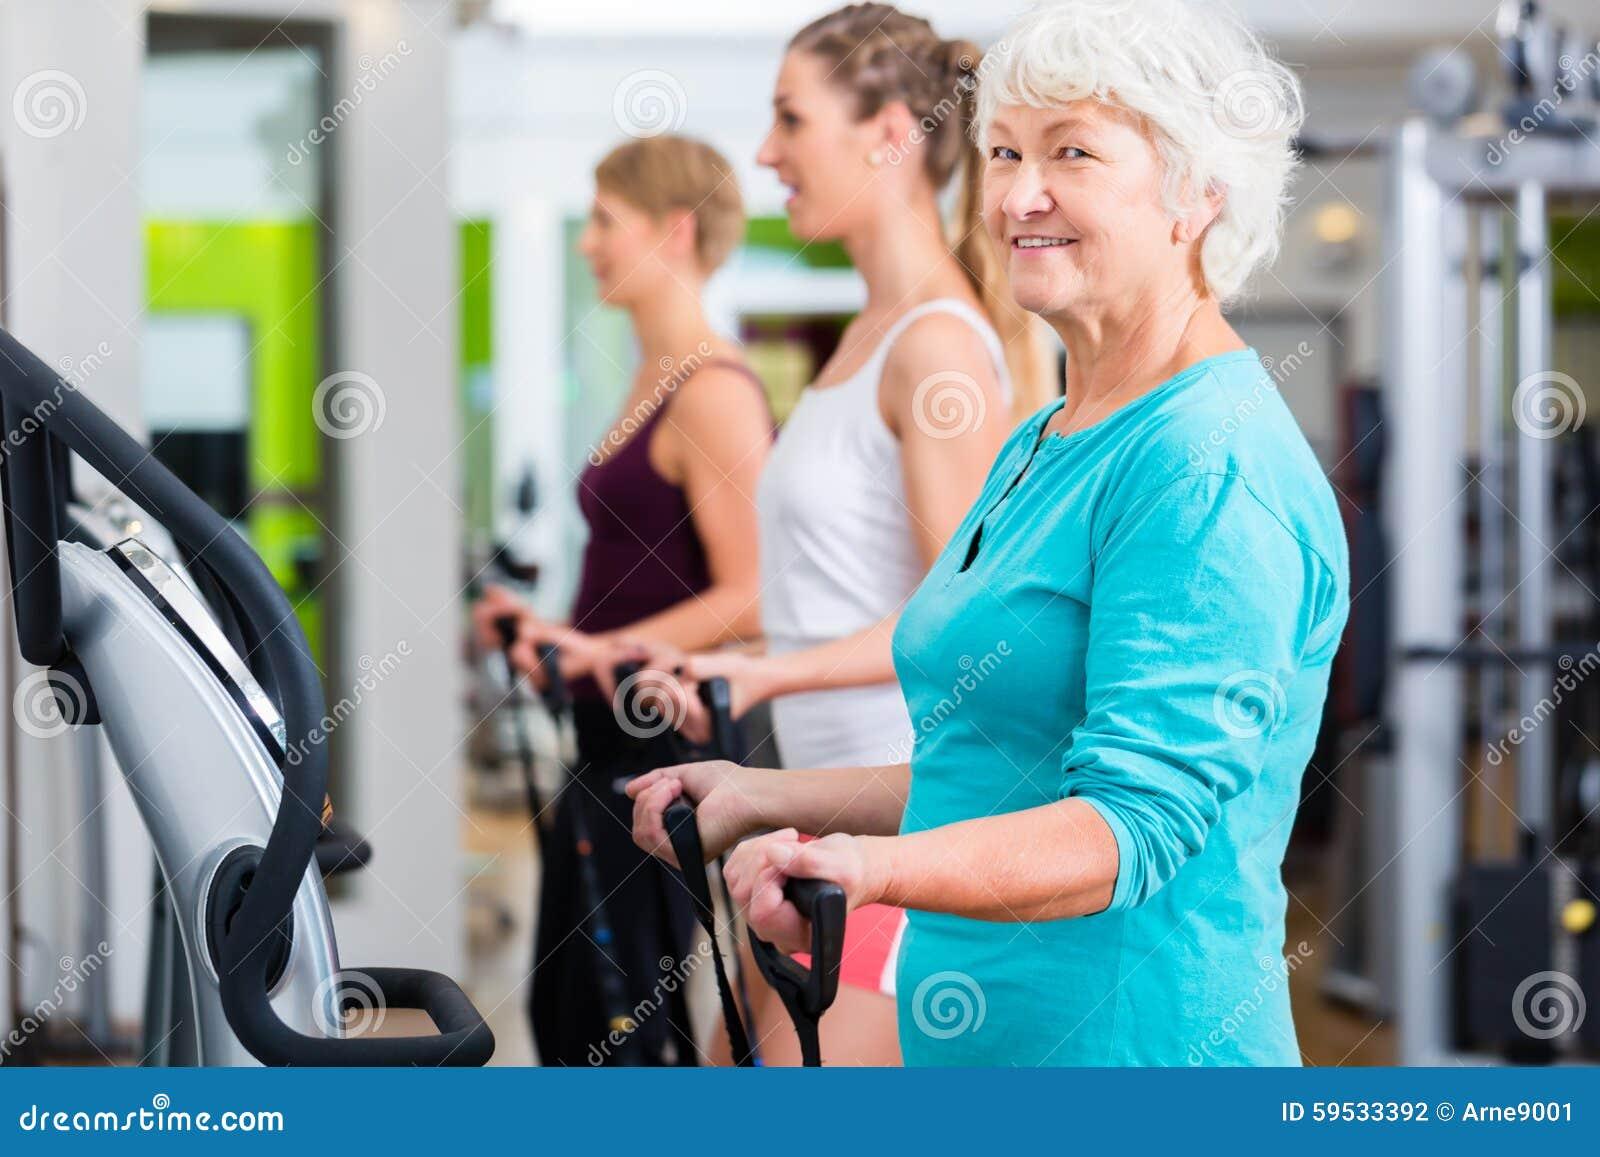 Jovens idosos e em placas de vibração no gym